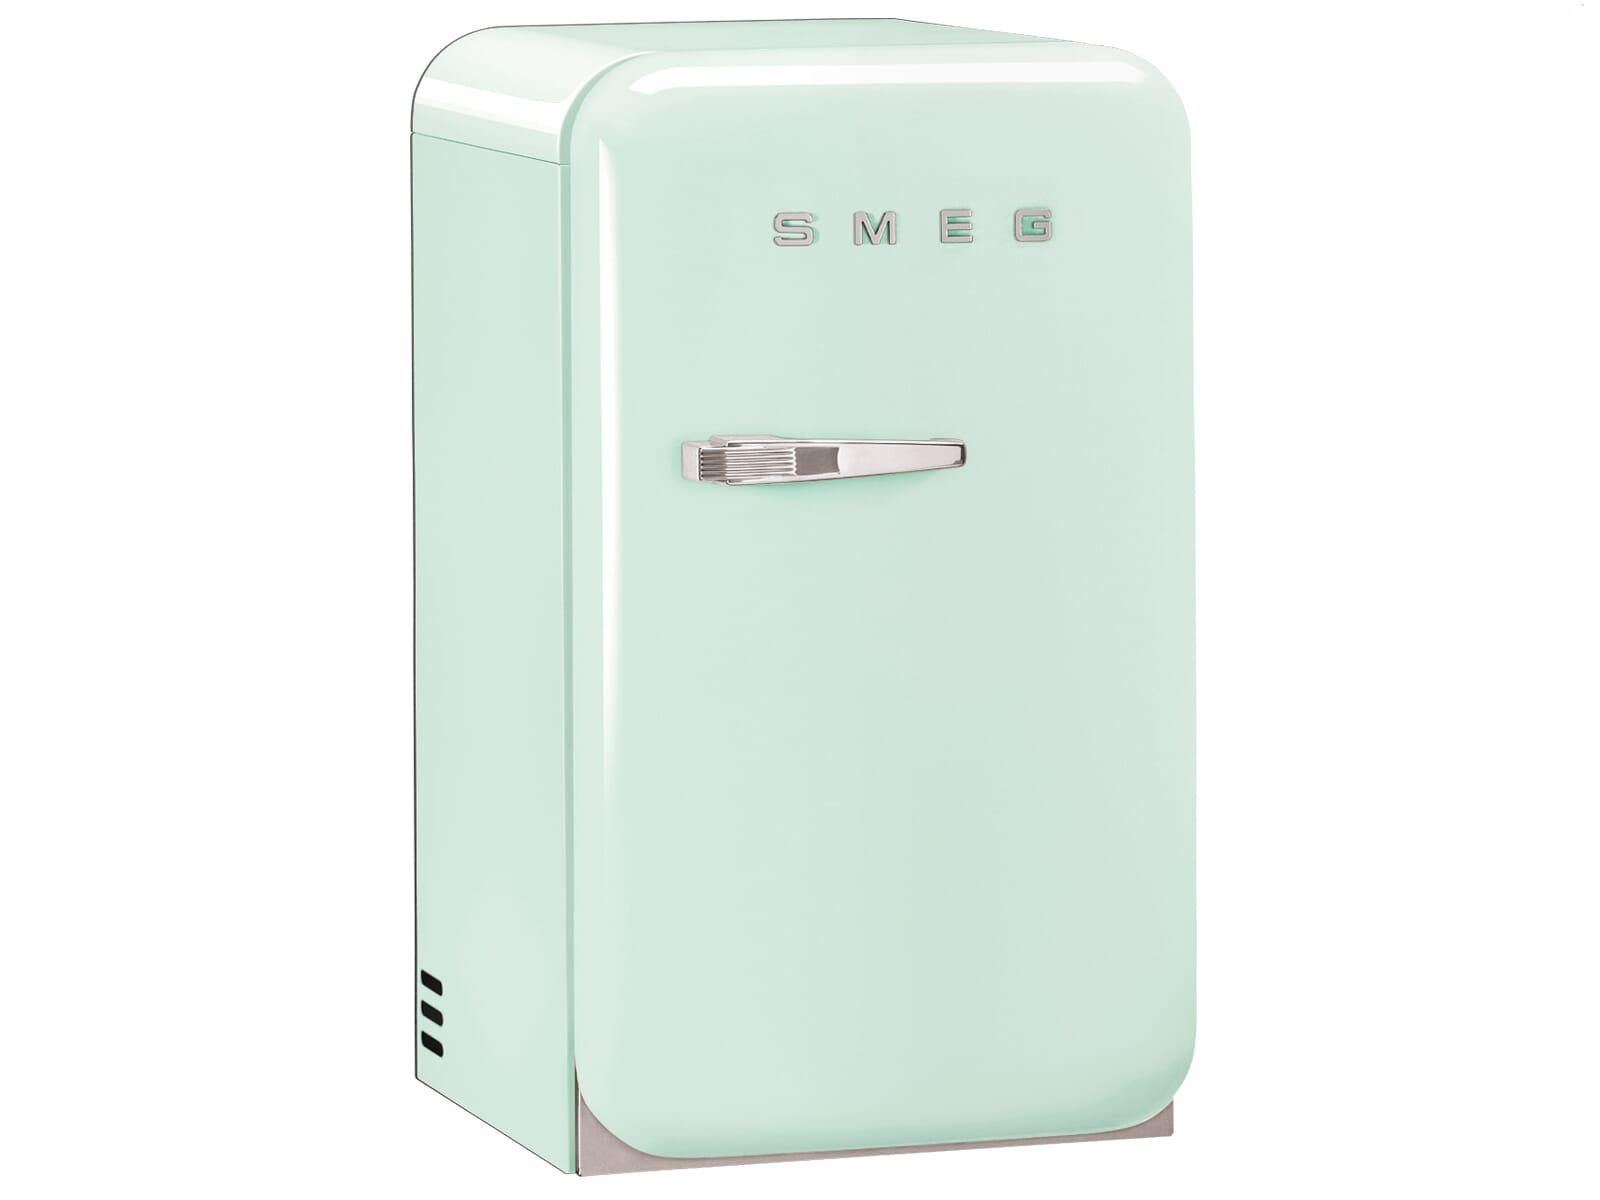 Amerikanischer Kühlschrank Retro Smeg : Flaschenkühlschrank unterbau kühl gefrierschränke von liebherr